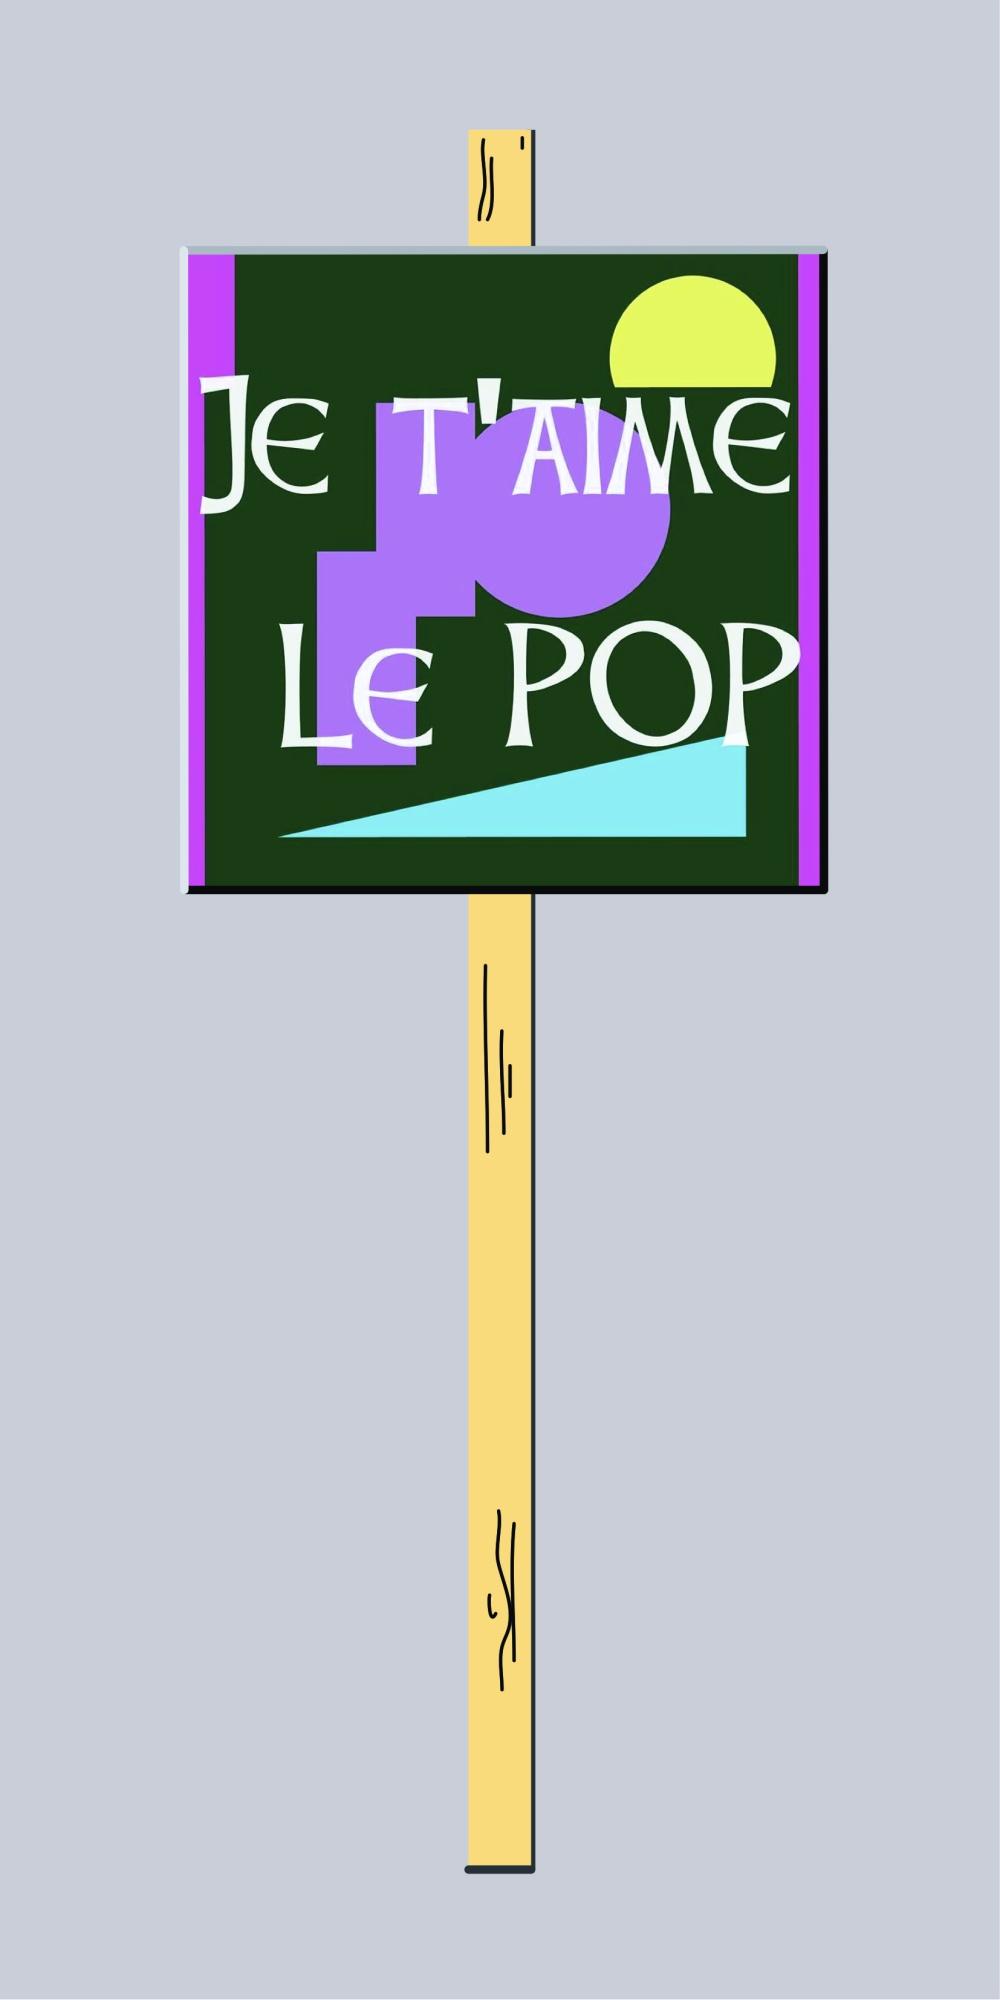 JTLP Placard edition.jpg